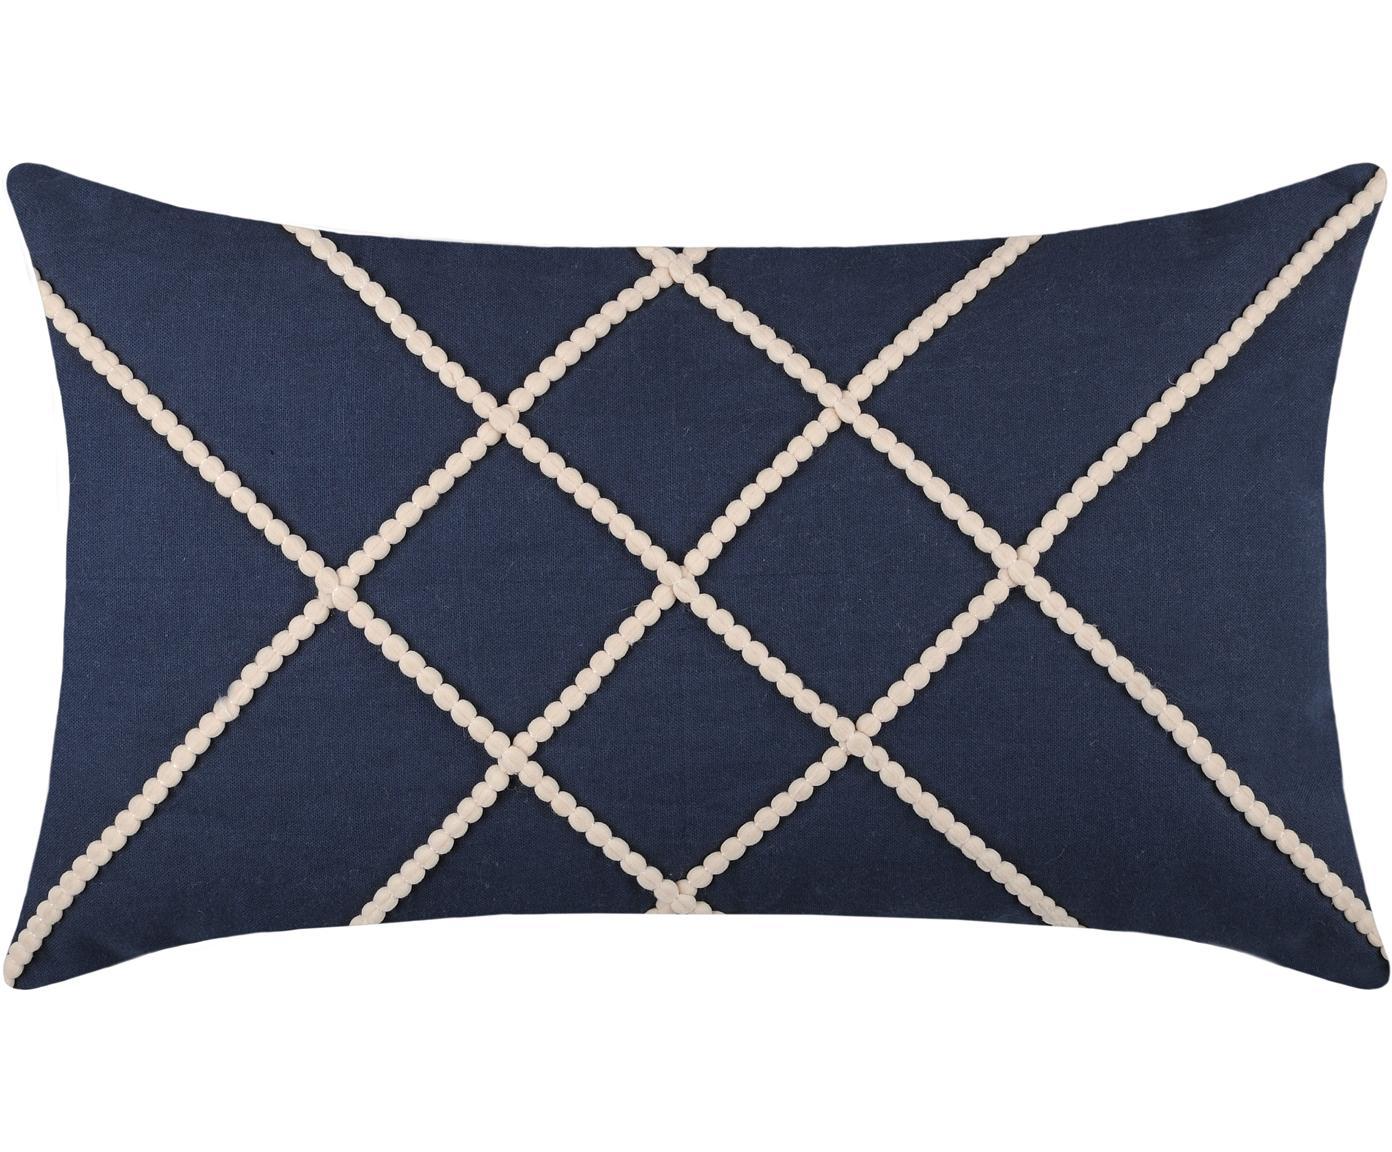 Poduszka z wypełnieniem Concarneau Stripe, Bawełna, Ciemny niebieski, S 30 x D 50 cm